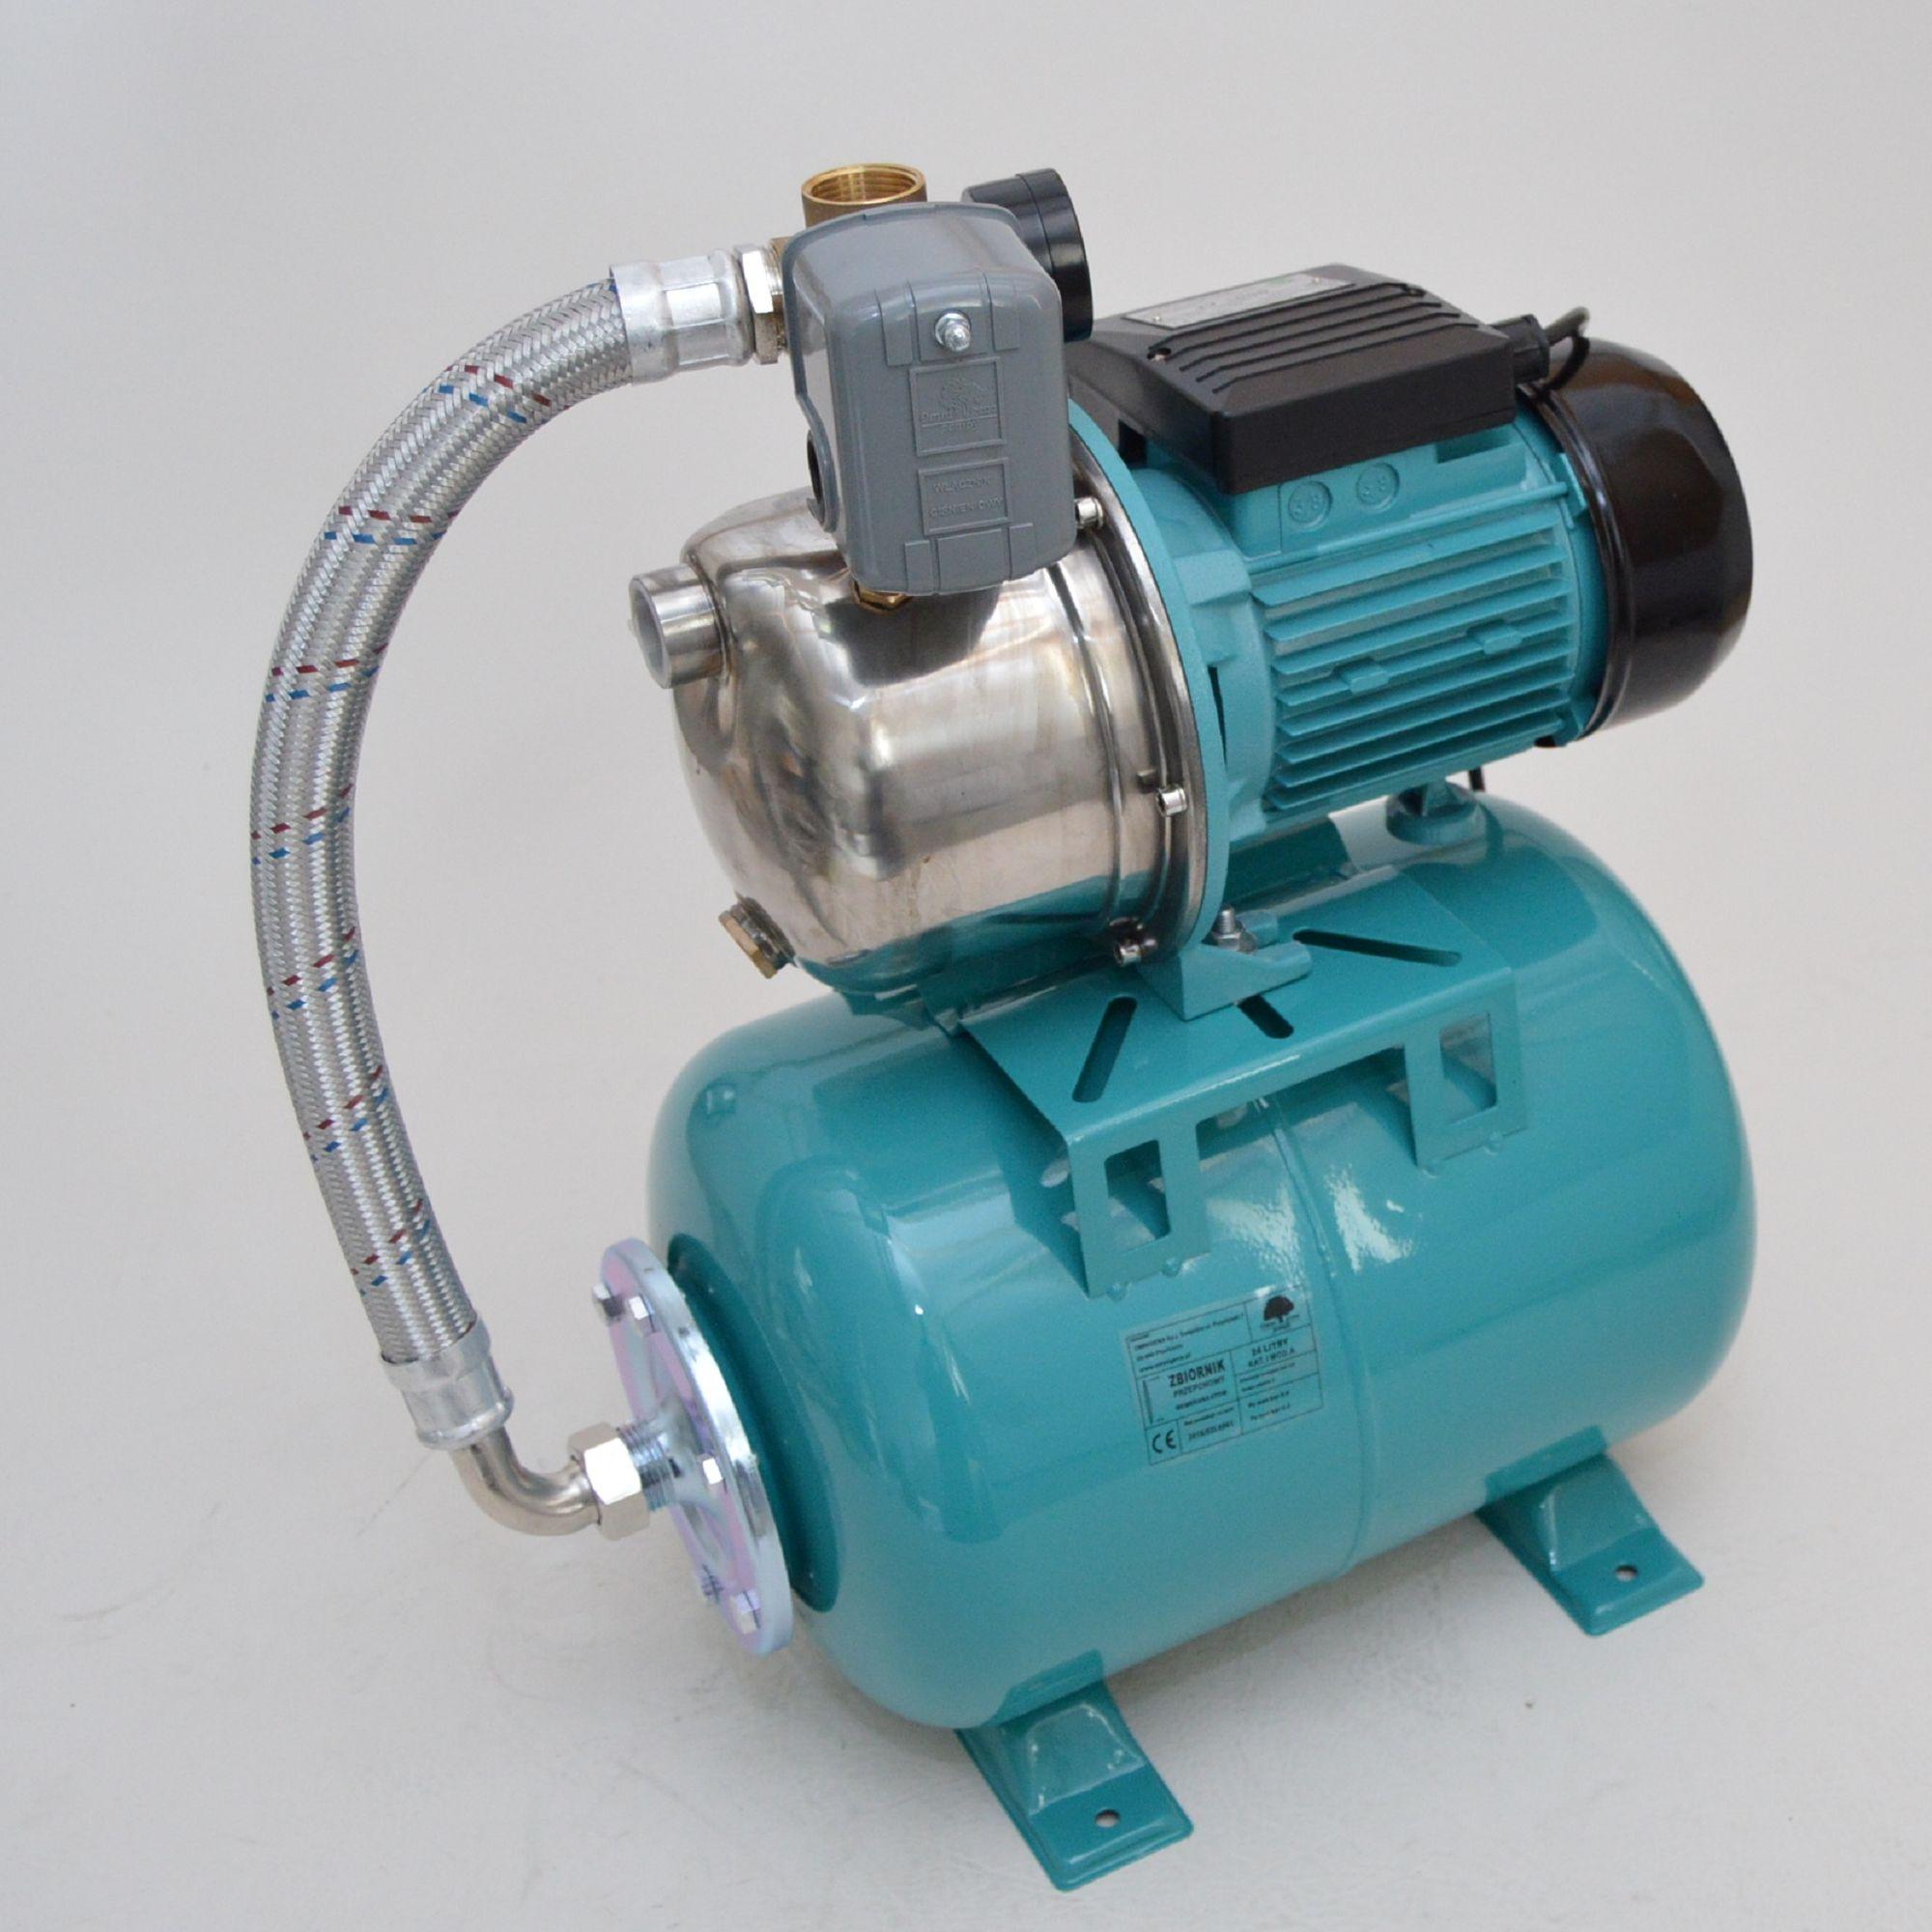 24 l hauswasserwerk pumpe 1100w mit druckschalter hauswasserautomat 5 bar ebay. Black Bedroom Furniture Sets. Home Design Ideas